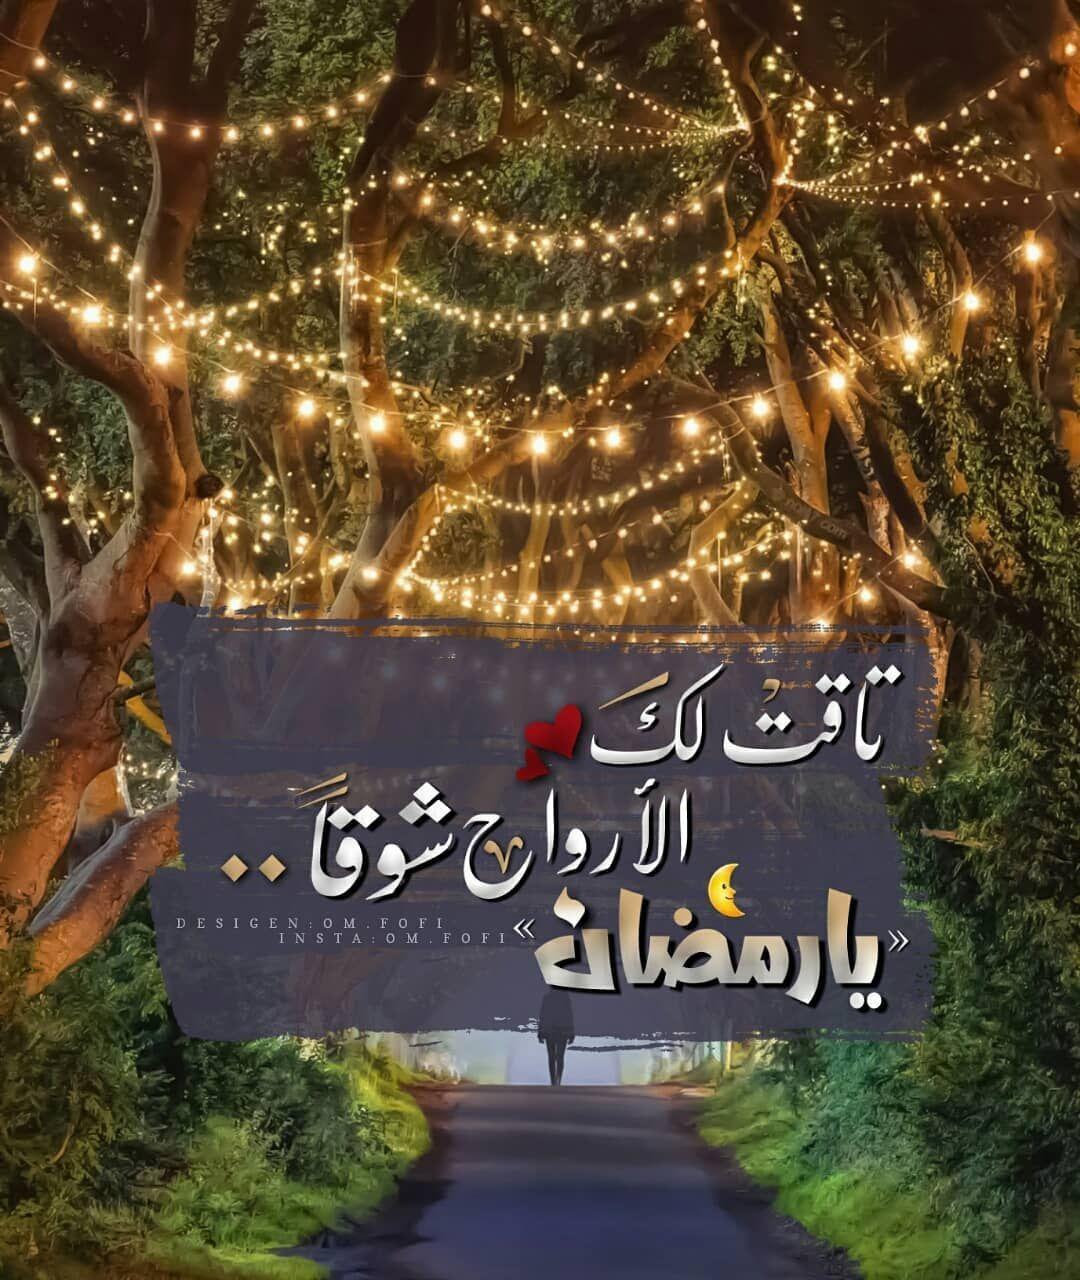 Pin By Hisham Altayer On رمضان مبارك Ramadan Day Ramadan Greetings Ramadan Photos